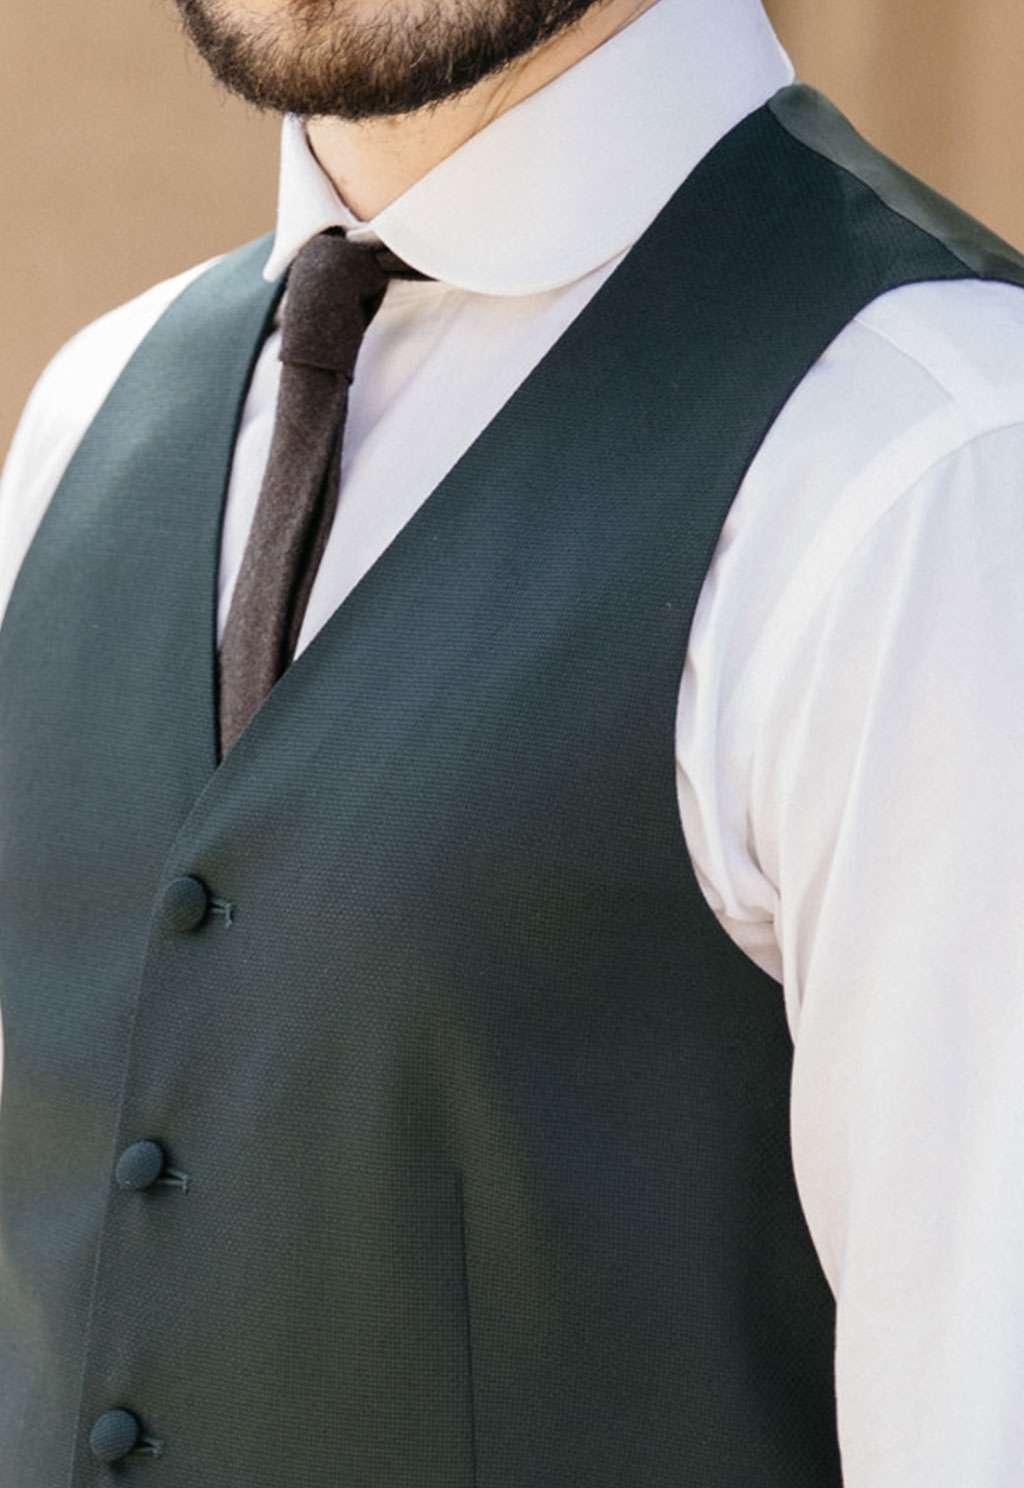 chemise de mariage sur mesure faubourg saint sulpice tailleur homme paris col club